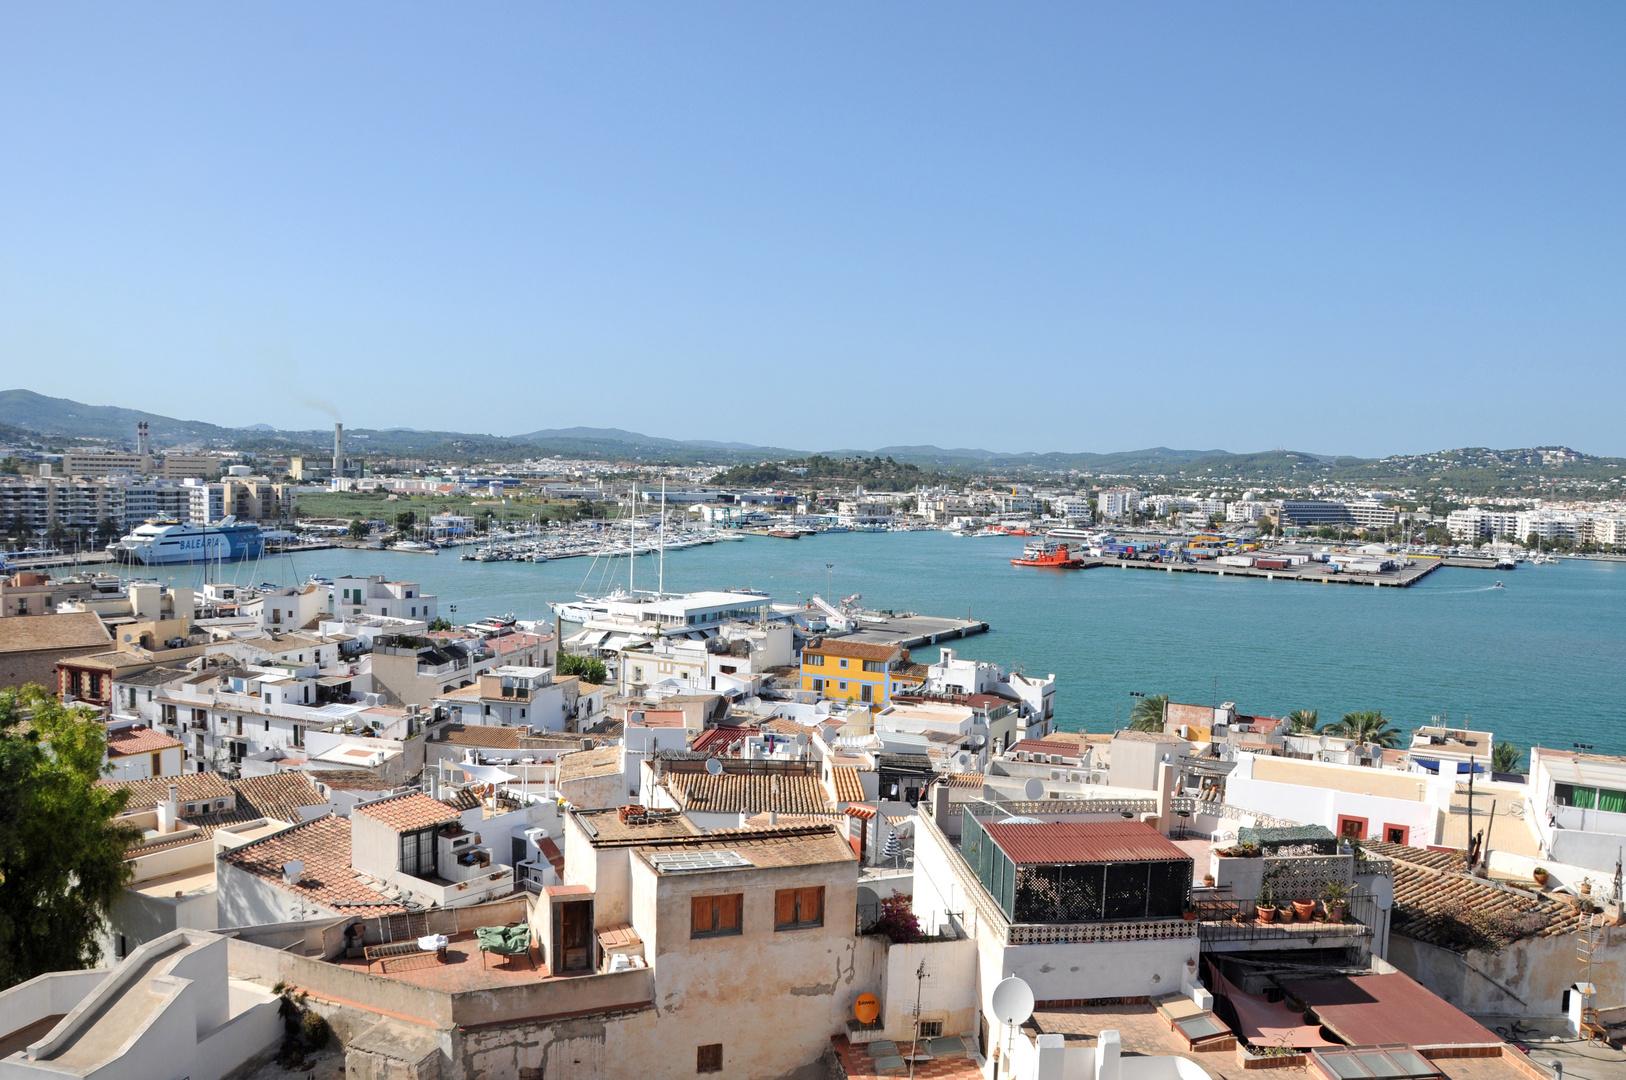 Eivissa Altstadt